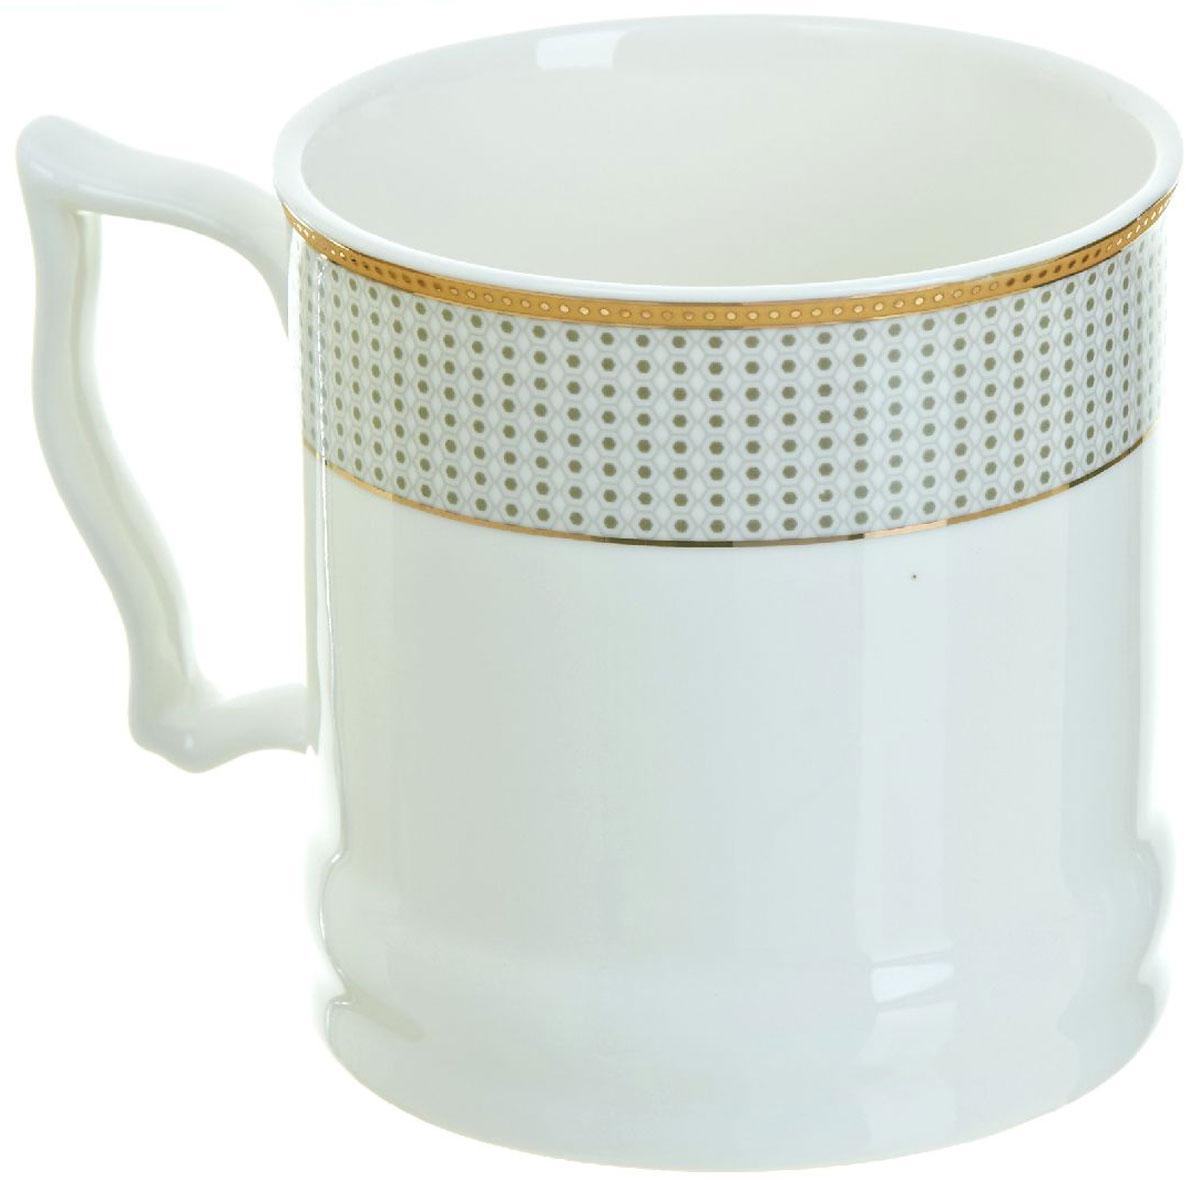 Кружка BHP Королевская кружка, 500 мл. M187001254 009312Оригинальная кружка Best Home Porcelain, выполненная из высококачественного фарфора, сочетает в себе простой, утонченный дизайн с максимальной функциональностью. Можно использовать в посудомоечной машине.